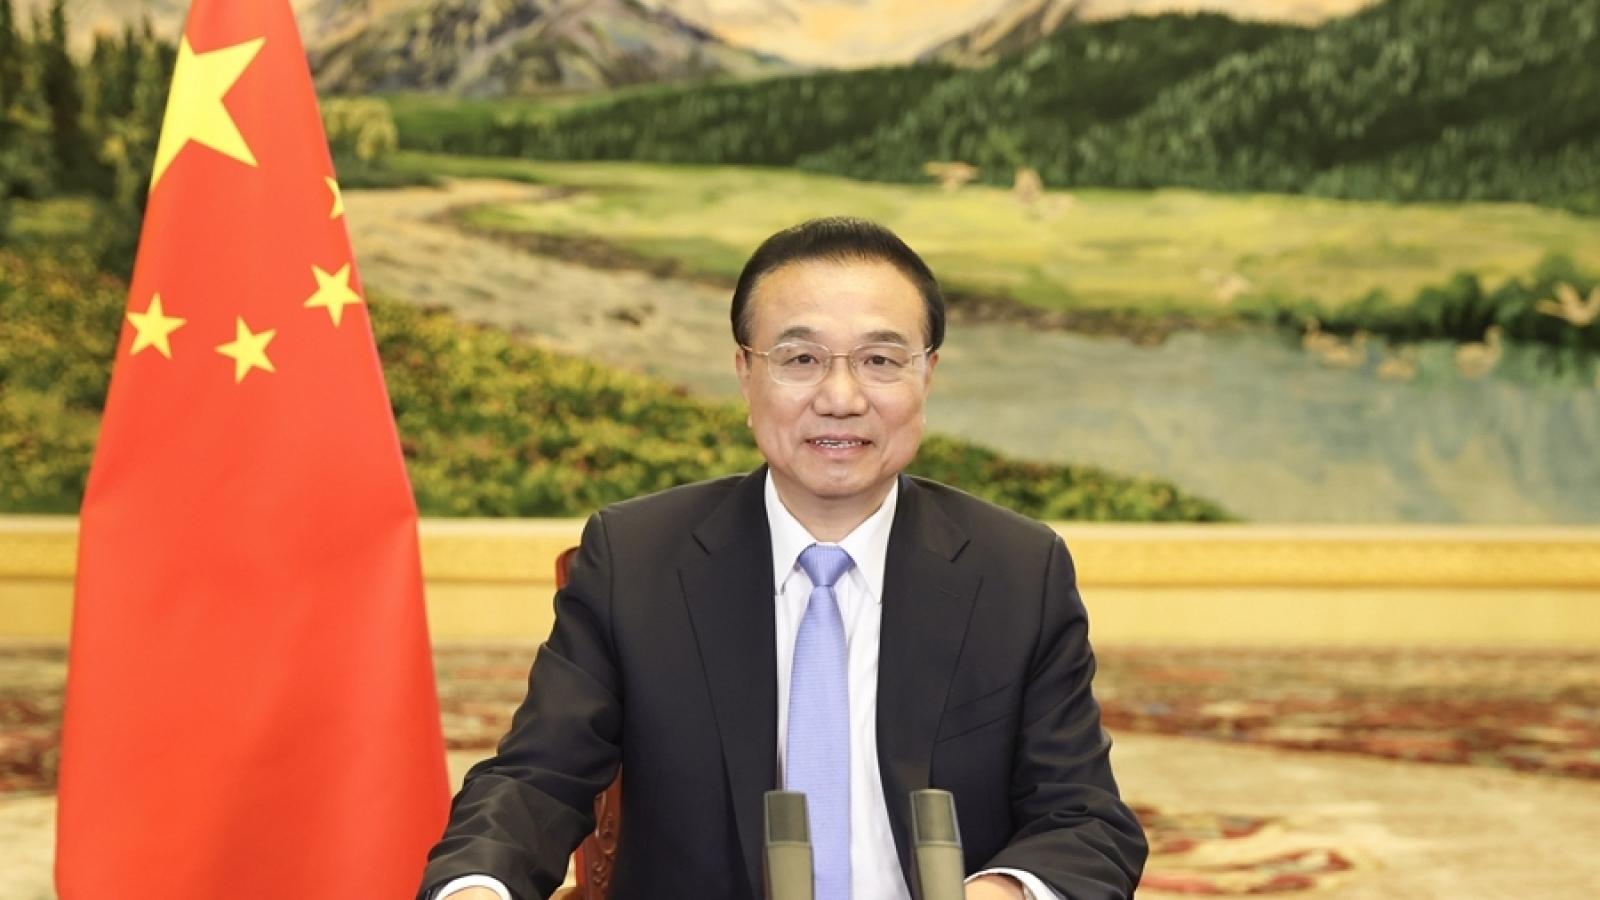 Trung Quốc nhấn mạnh vai trò của OECD trong hợp tác kinh tế toàn cầu